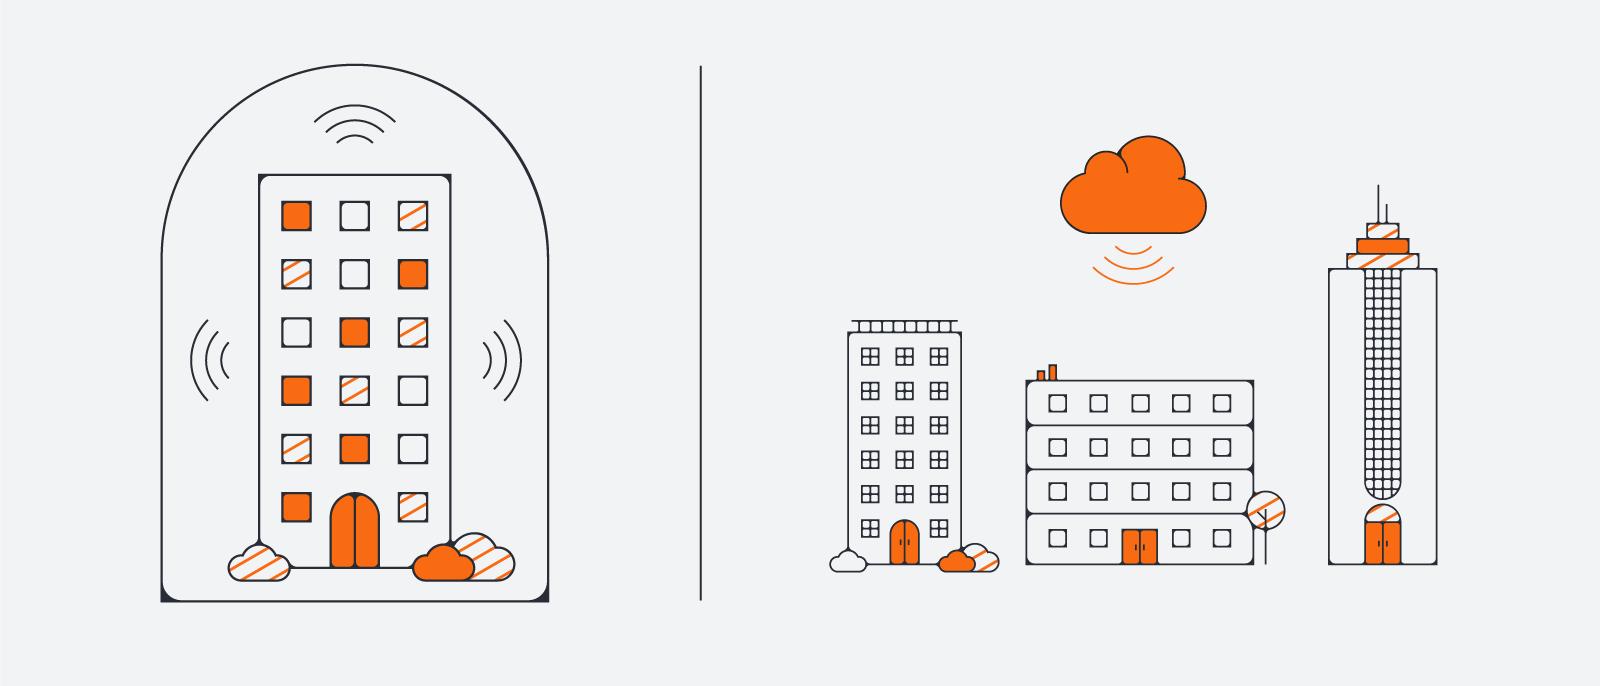 cloud vs on-premises comparison